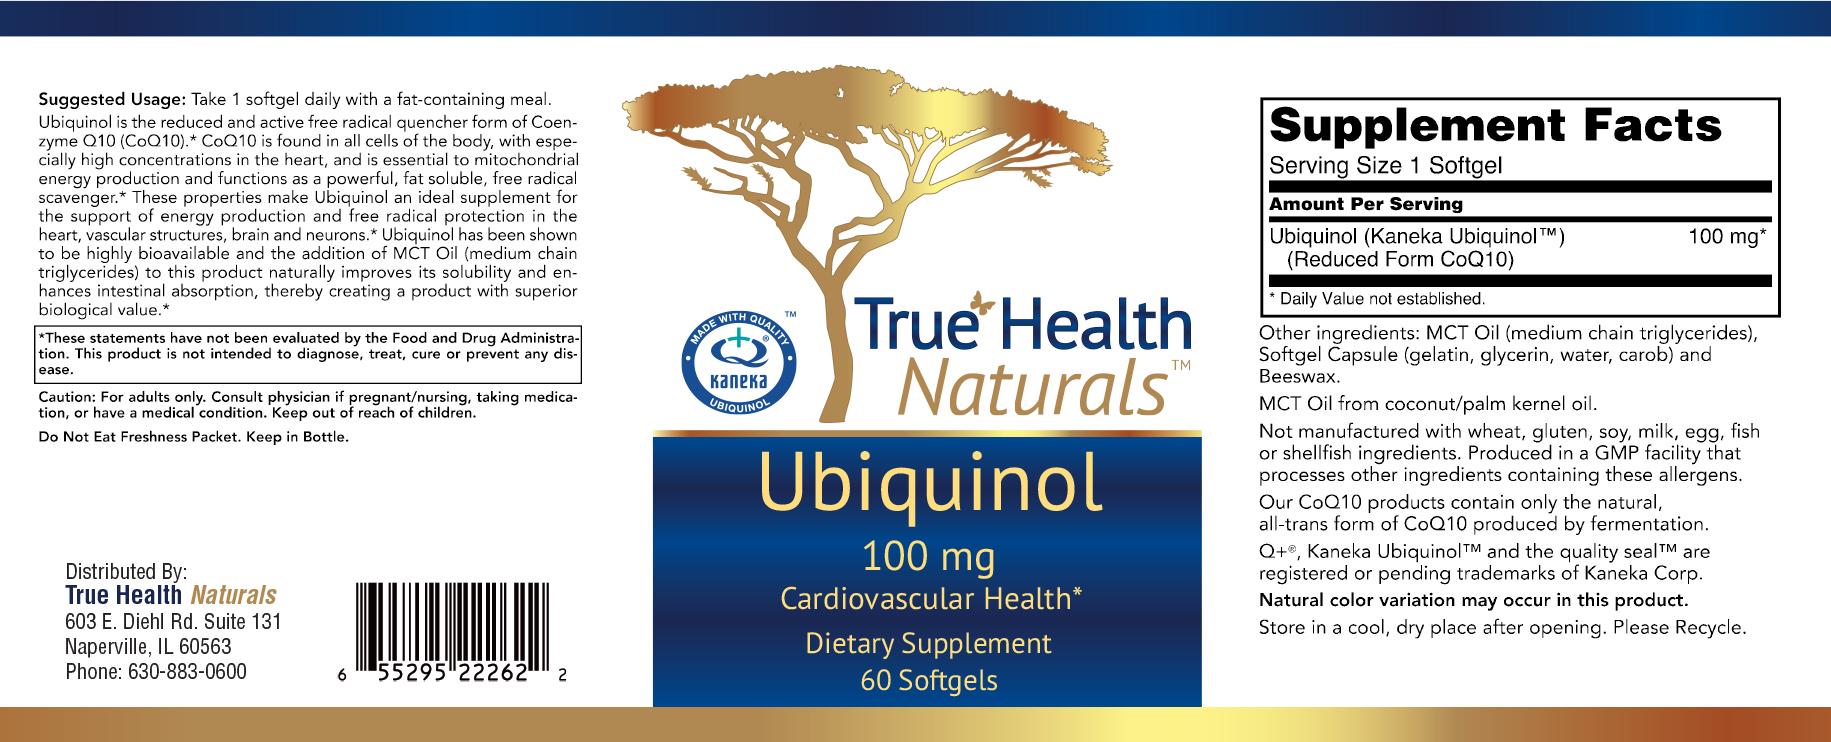 Ubiquinol Soft gels Label